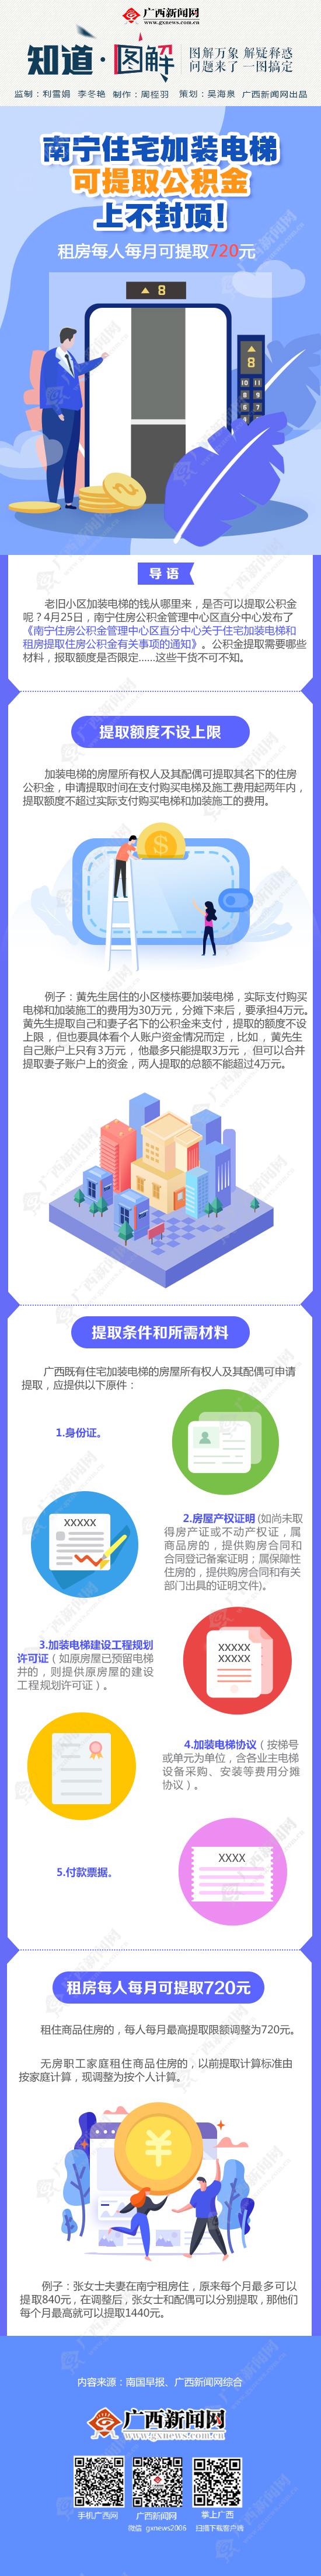 【知道·图解】南宁住宅加装电梯可提取公积金,上不封顶!租房每人每月可提取720元